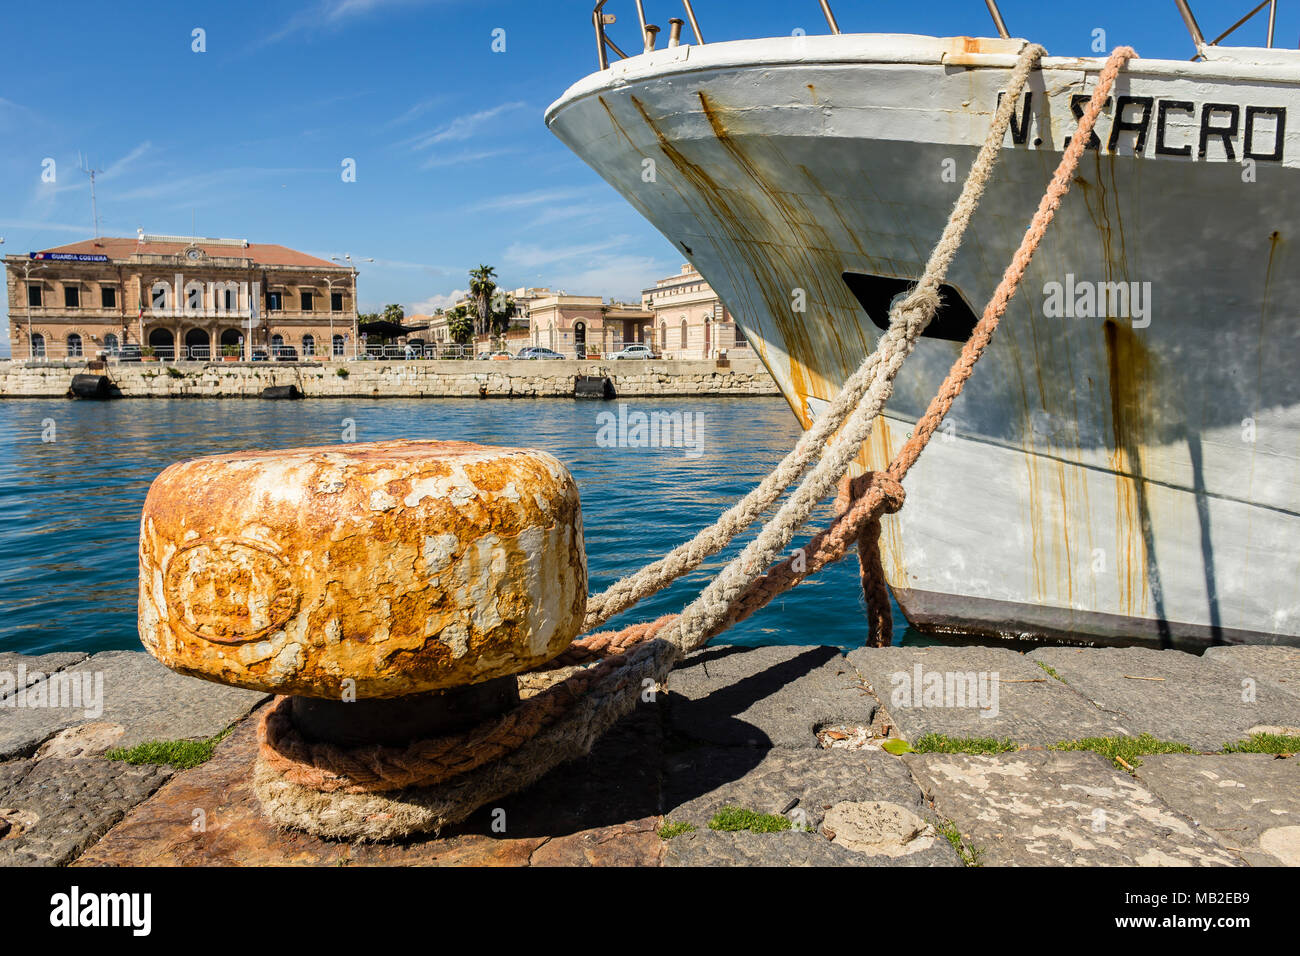 Muelle del Puerto de Ortigia, Siracusa, en Sicilia, Italia. Imagen De Stock